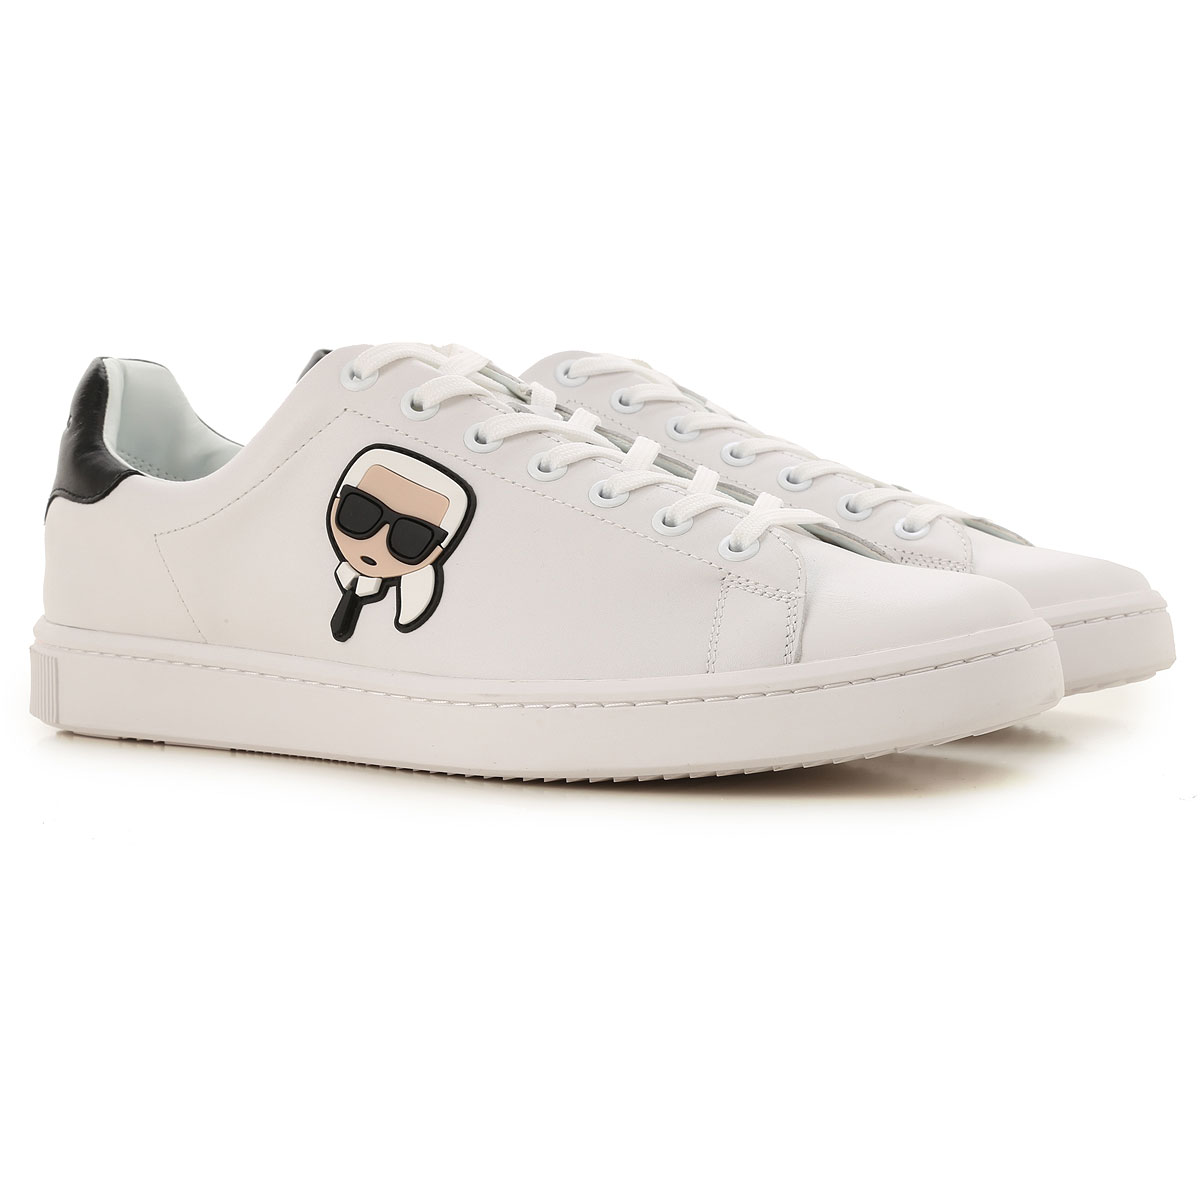 Karl Lagerfeld Schuhe Sneaker Leder Herren Online Shop von